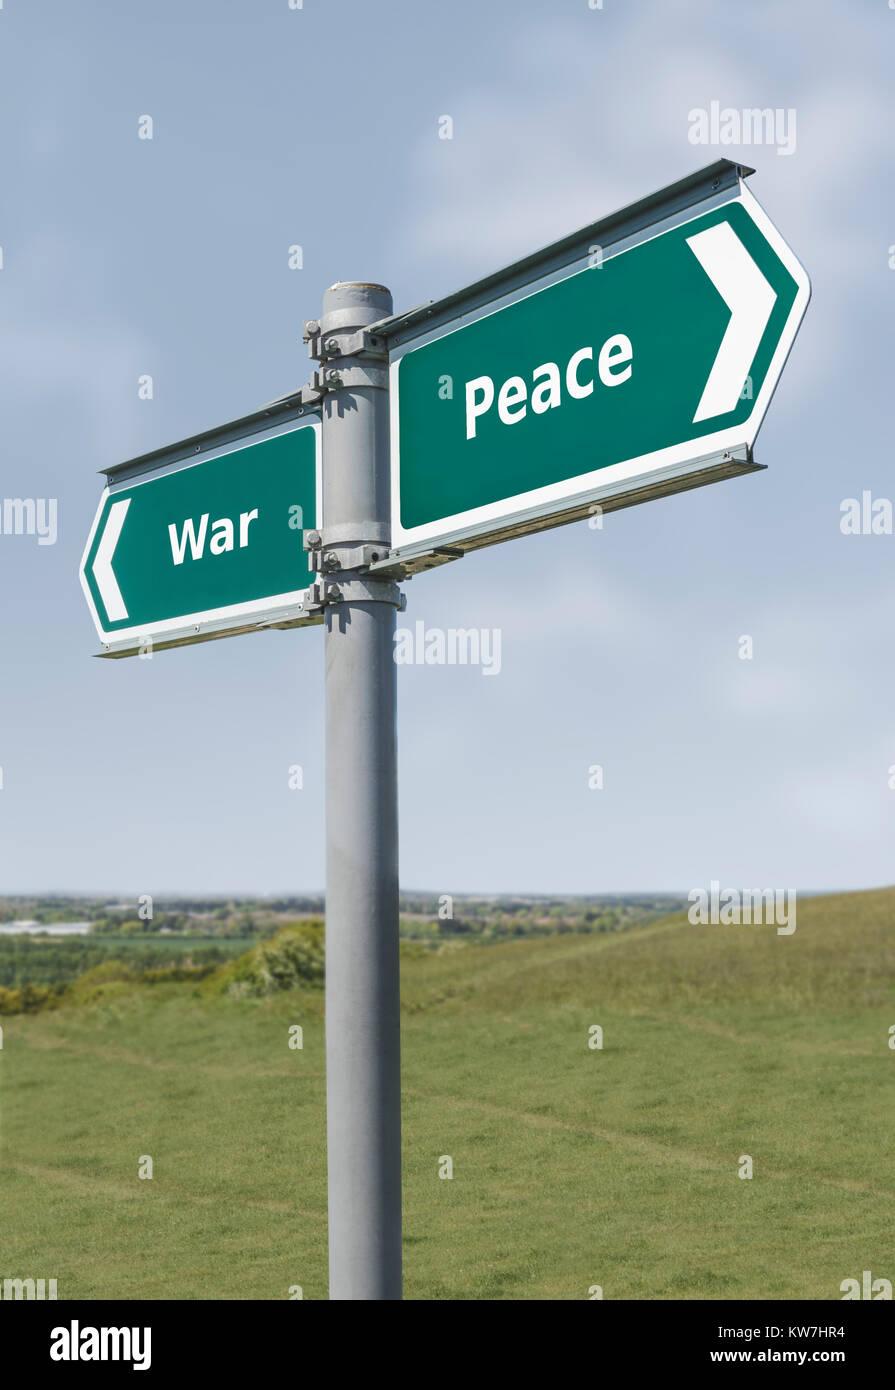 Krieg oder Frieden Richtung unterzeichnen. Krieg Frieden Konzept Wegweiser. Stockbild